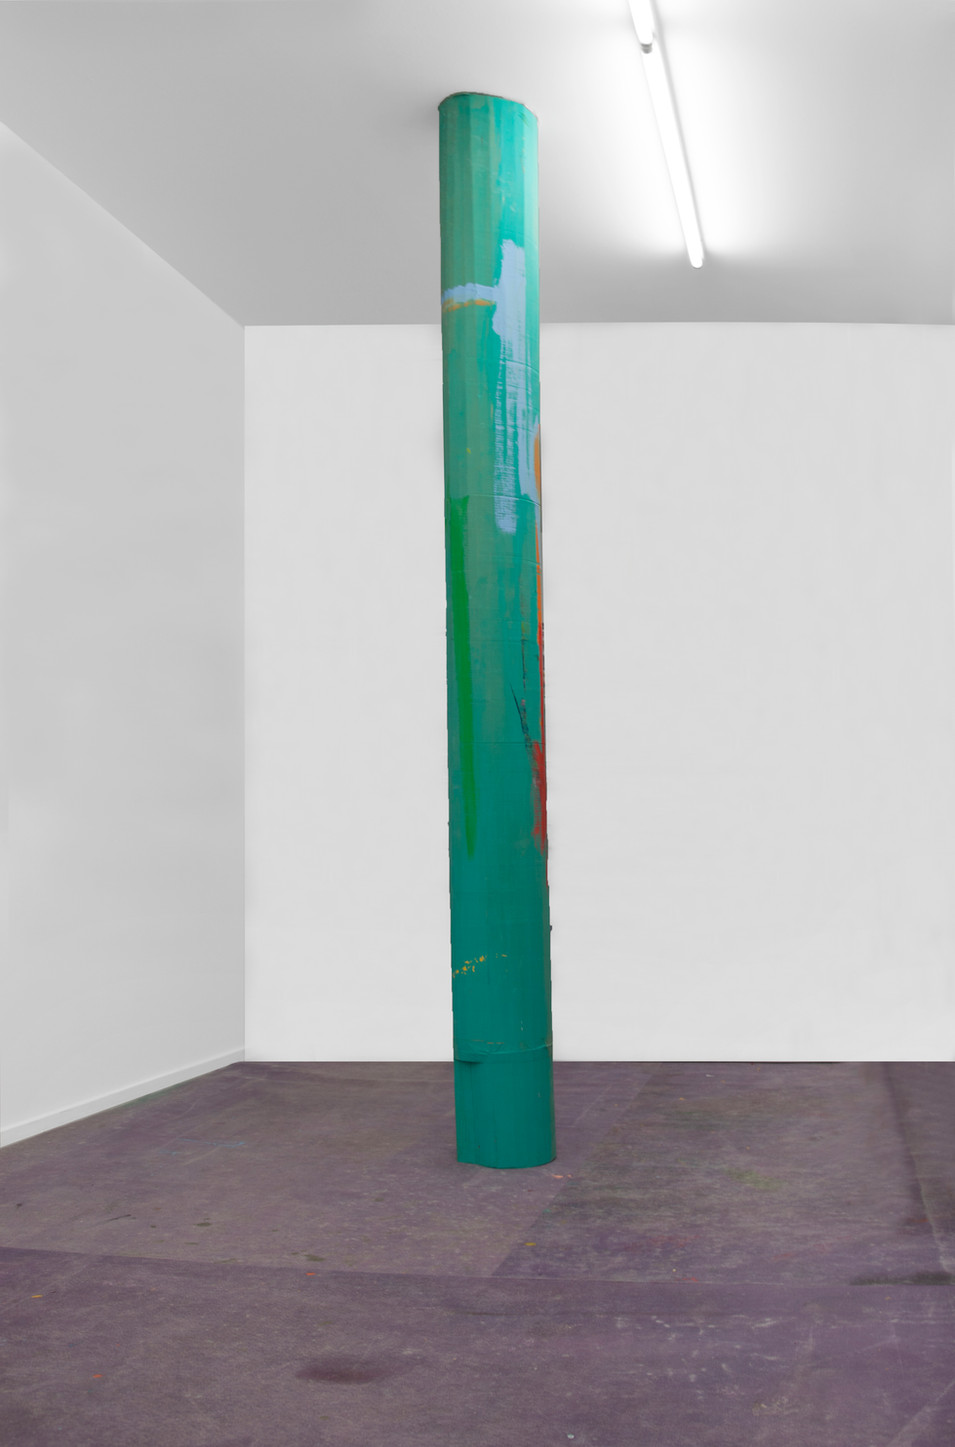 RINUS VAN DE VELDE,  Prop, Studio Robert Rino, Colored Column, 2017